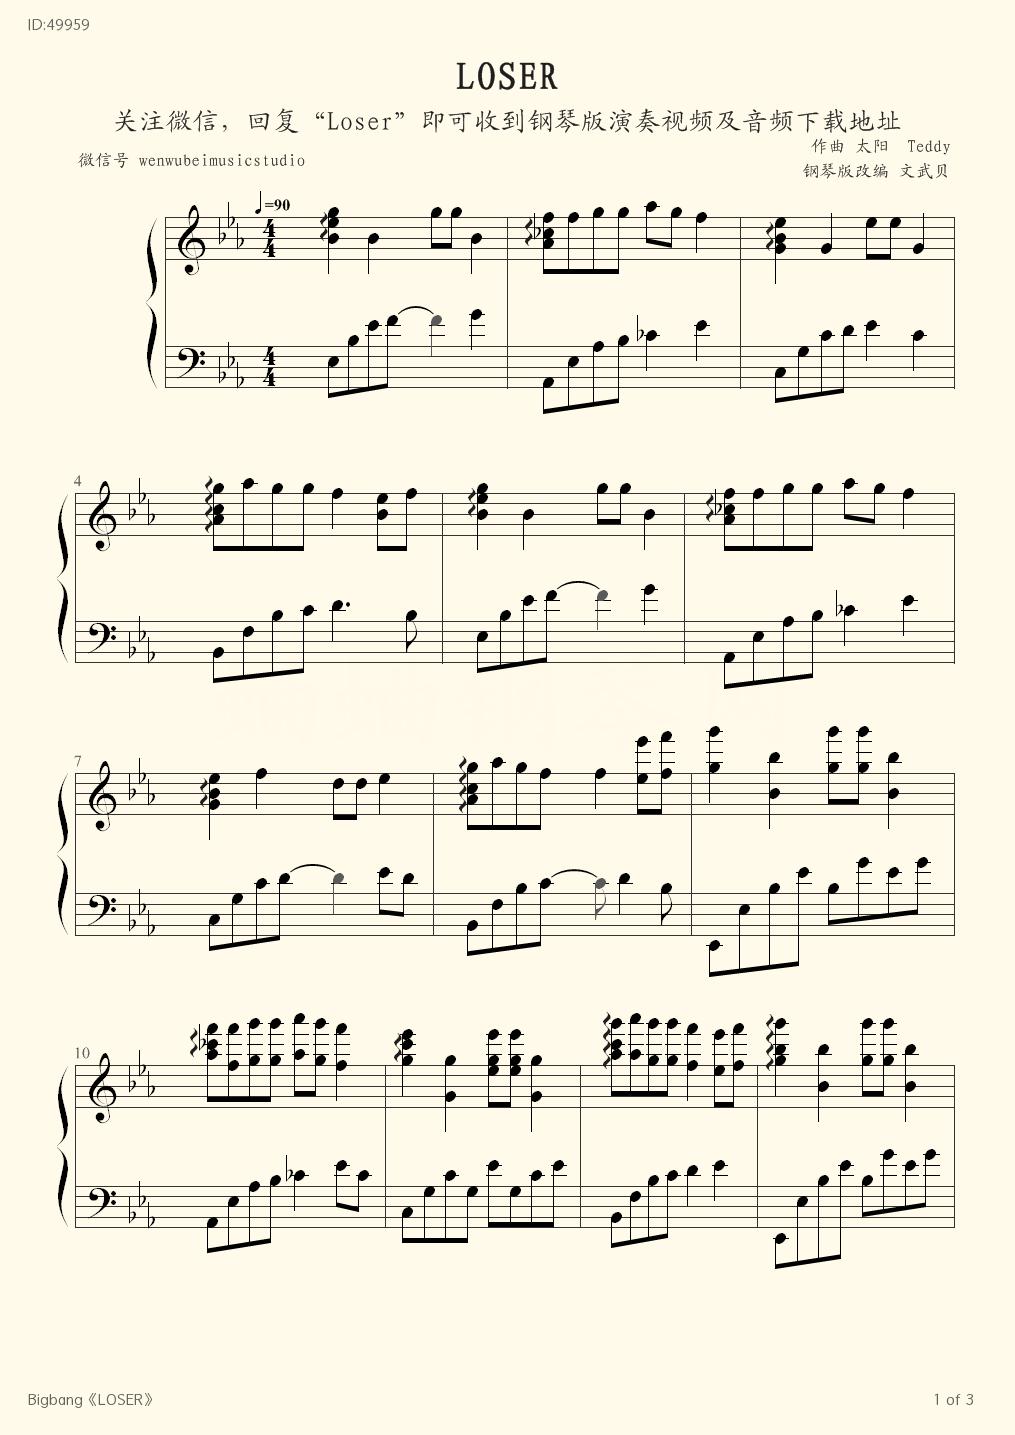 Bigbang LOSER - Bigbang - first page